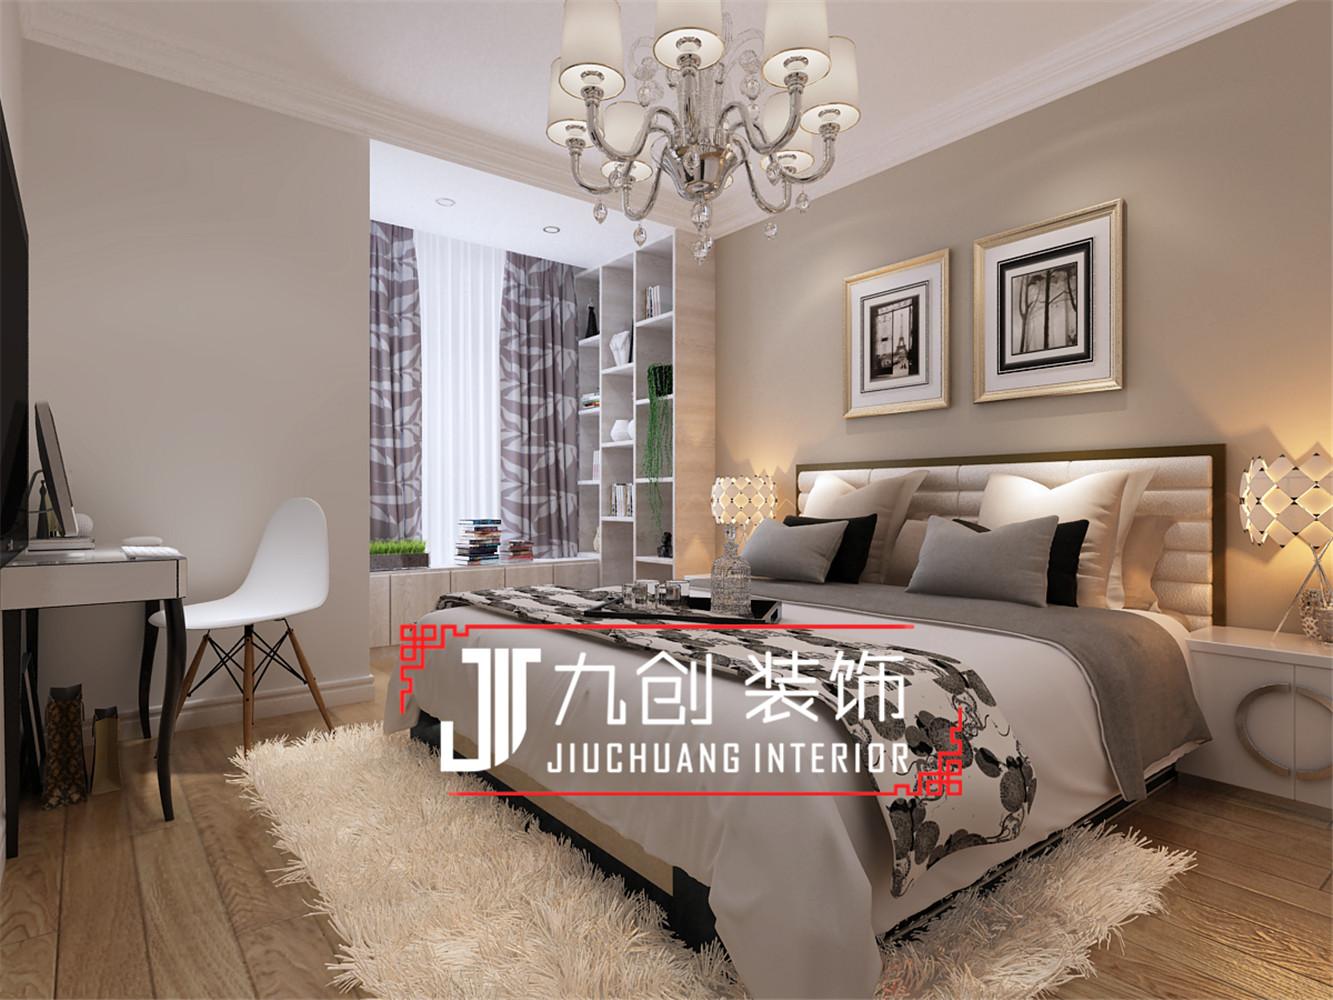 简约 三居 西吴御龙庭 卧室图片来自昆明九创装饰温舒德在西吴御龙庭101㎡简欧设计的分享